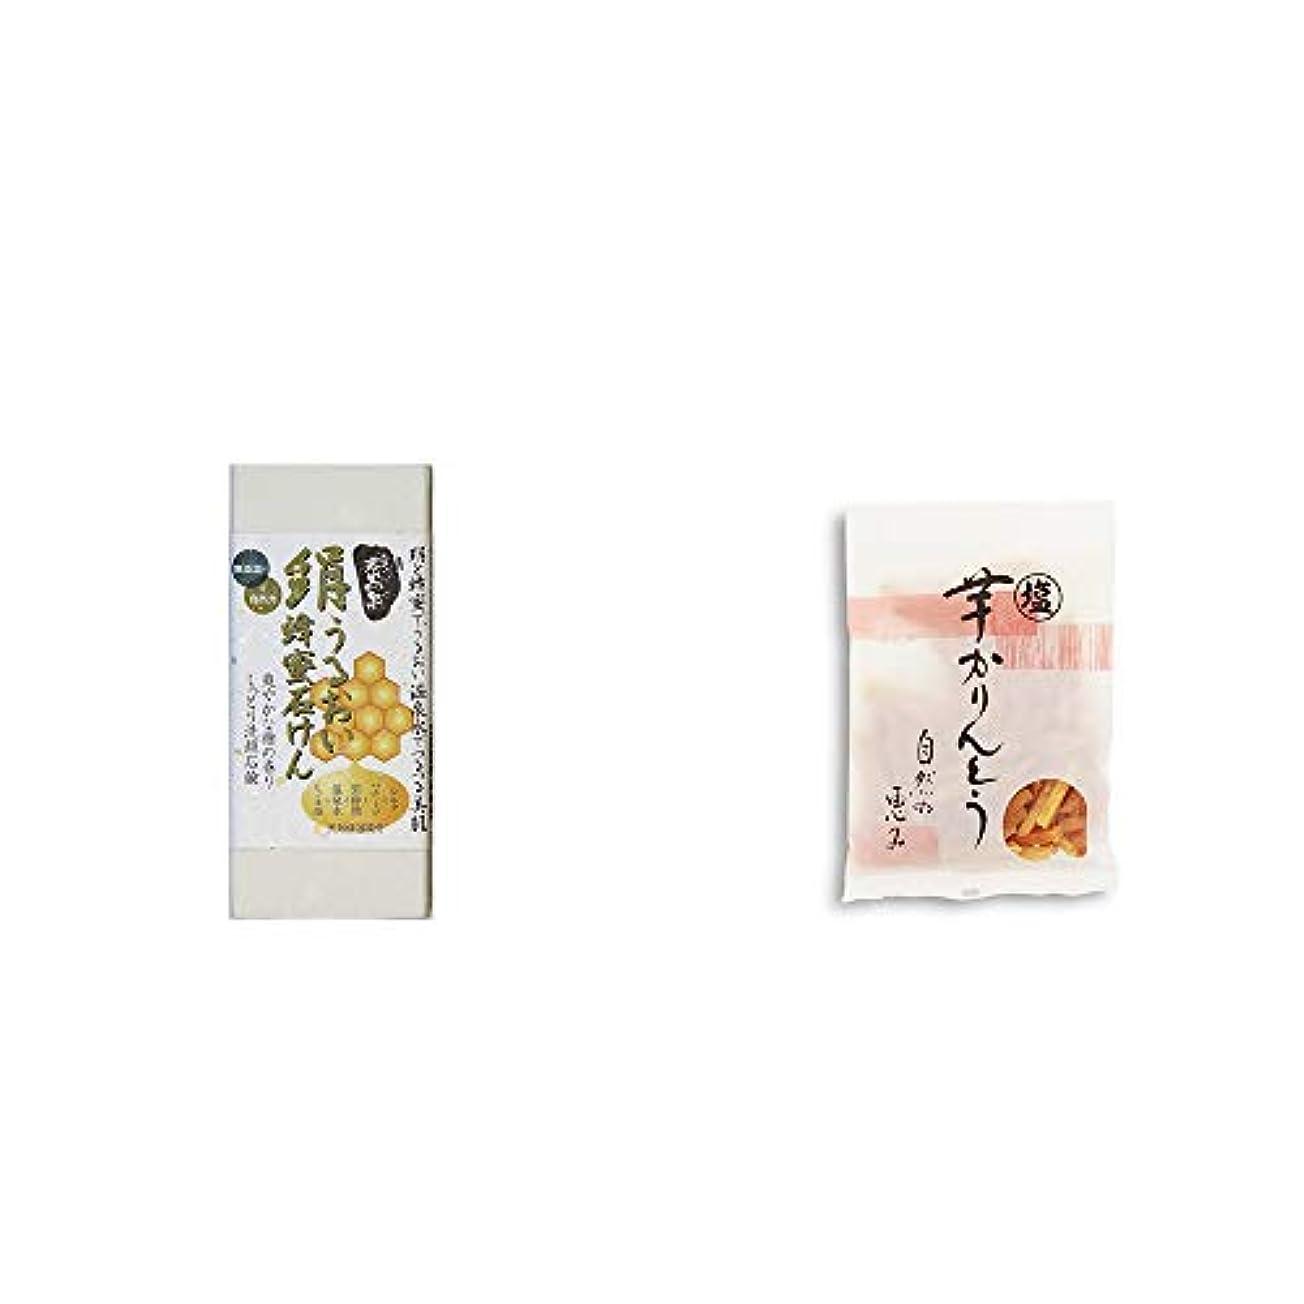 材料ハミングバード締める[2点セット] ひのき炭黒泉 絹うるおい蜂蜜石けん(75g×2)?塩芋かりんとう(150g)